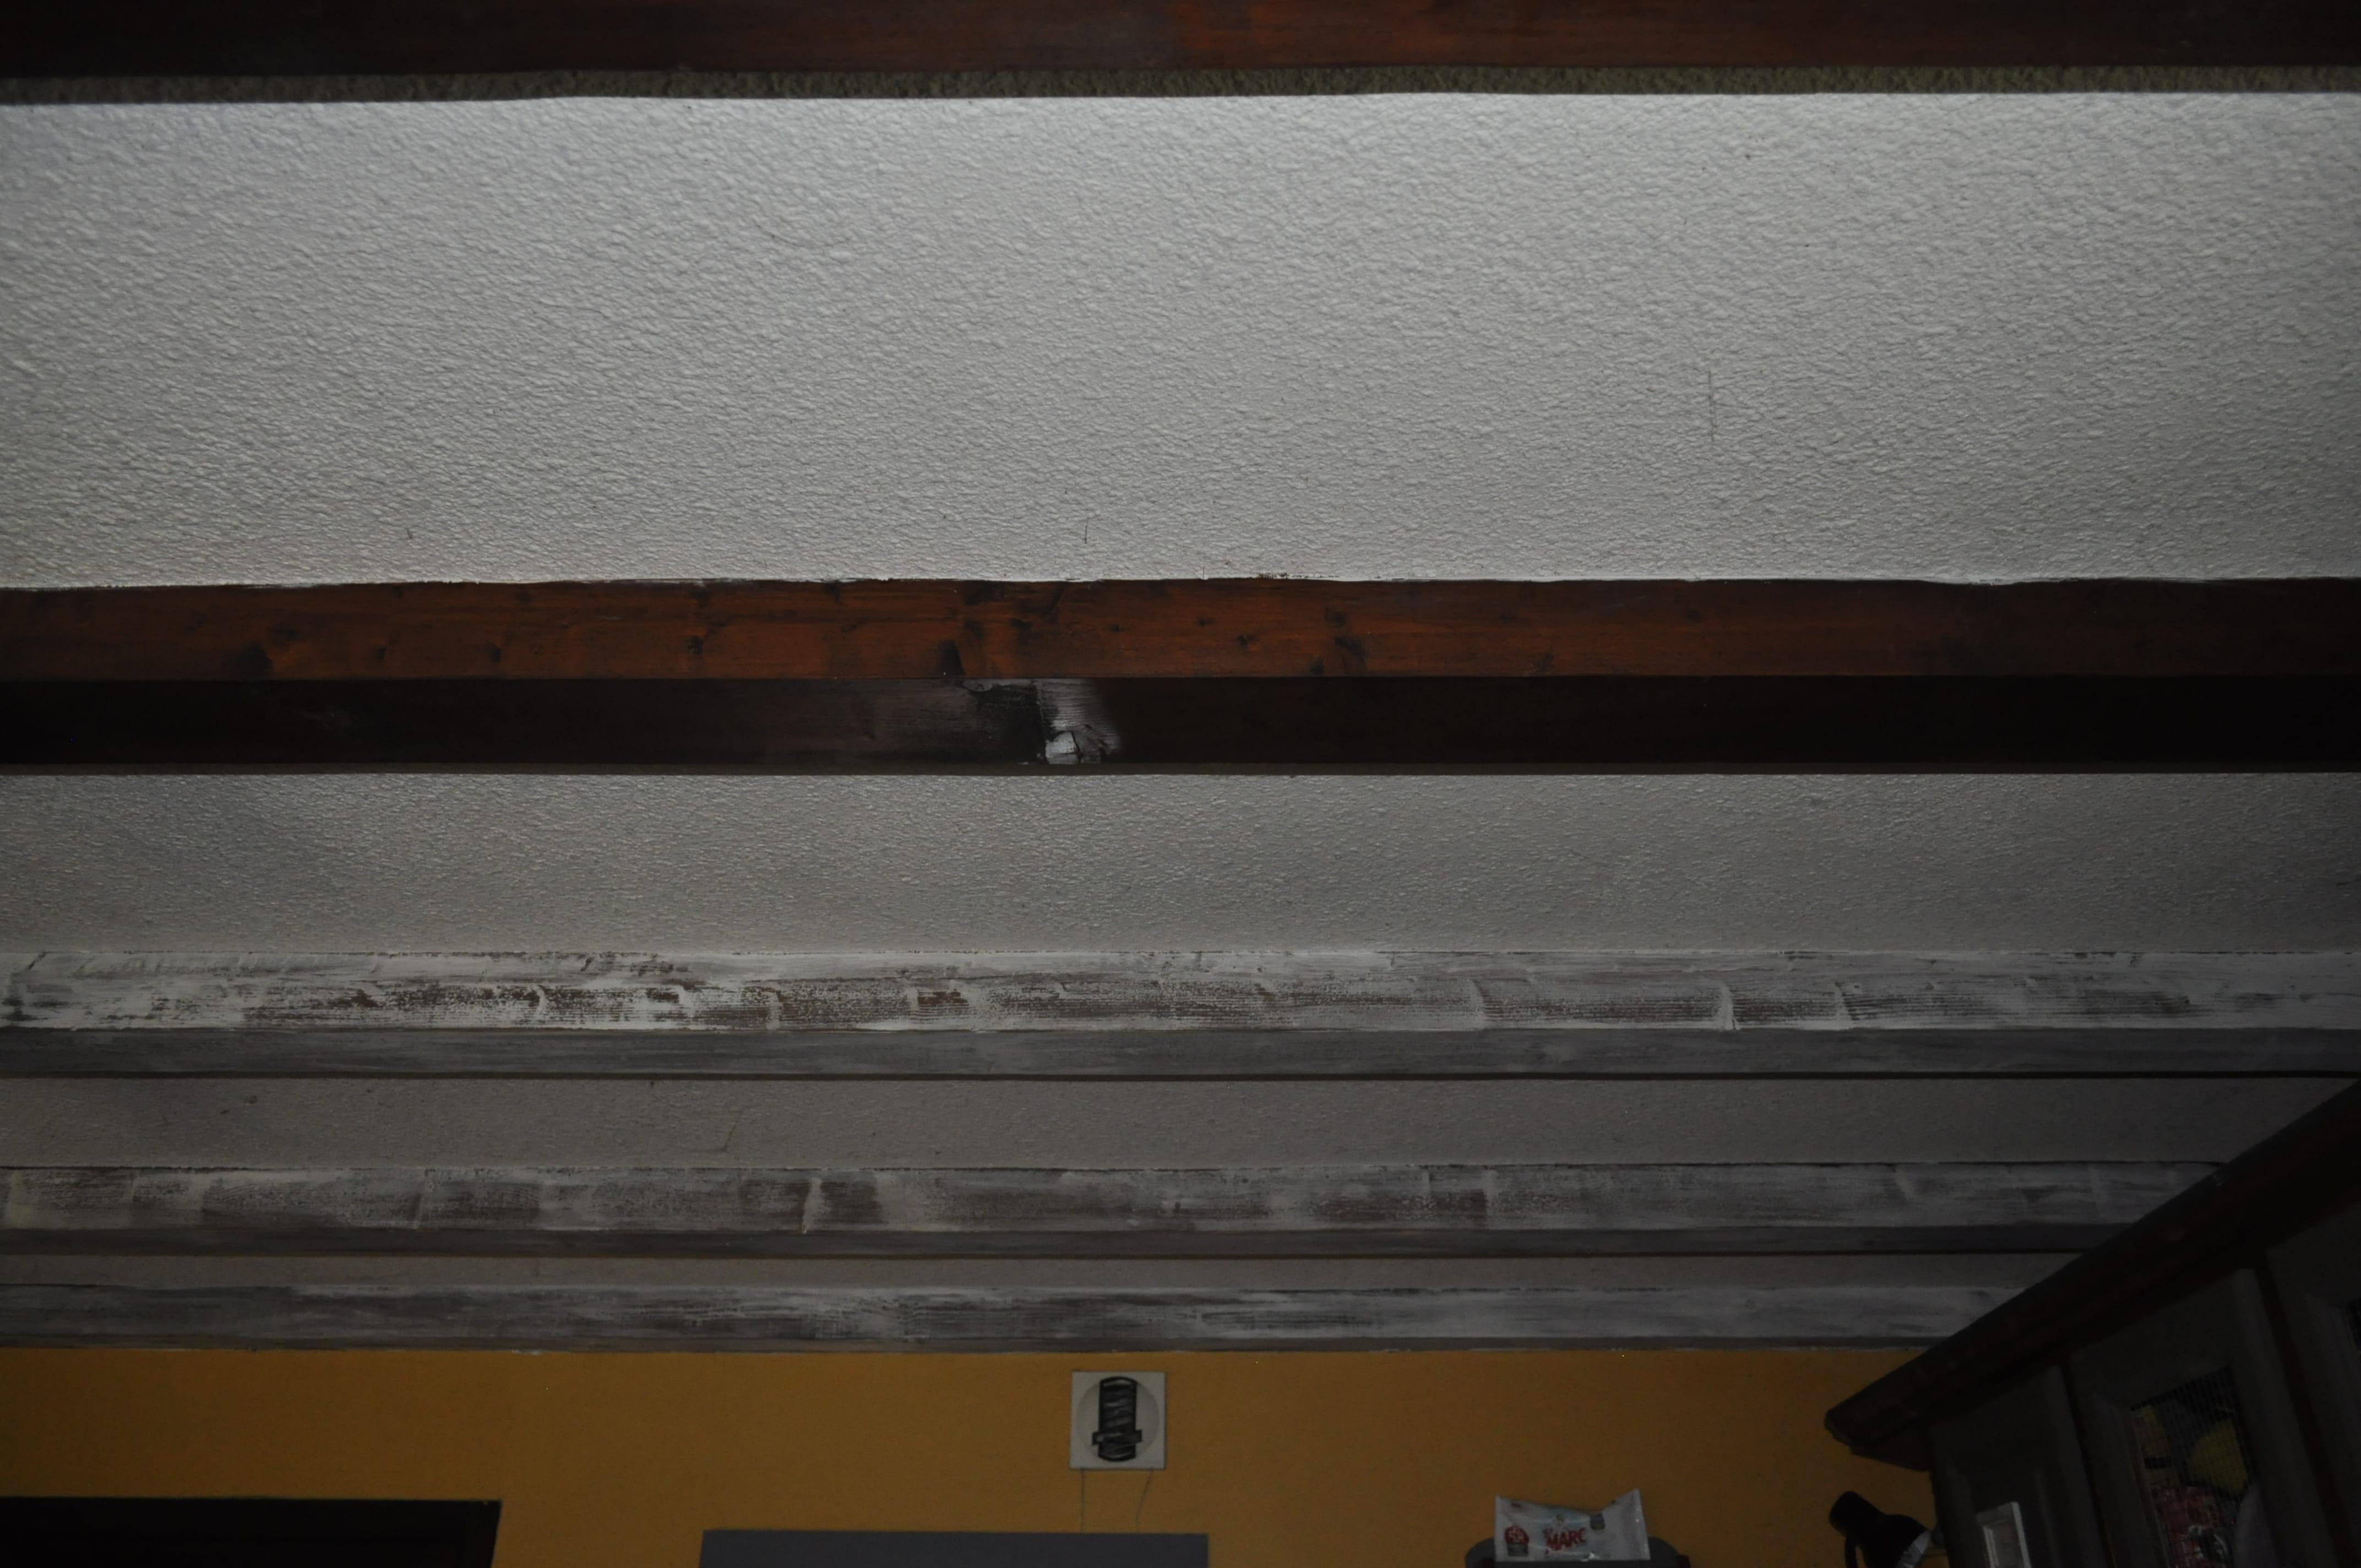 Toile À Enduire Plafond marre du crépi au plafond !!! [résolu] - linternaute